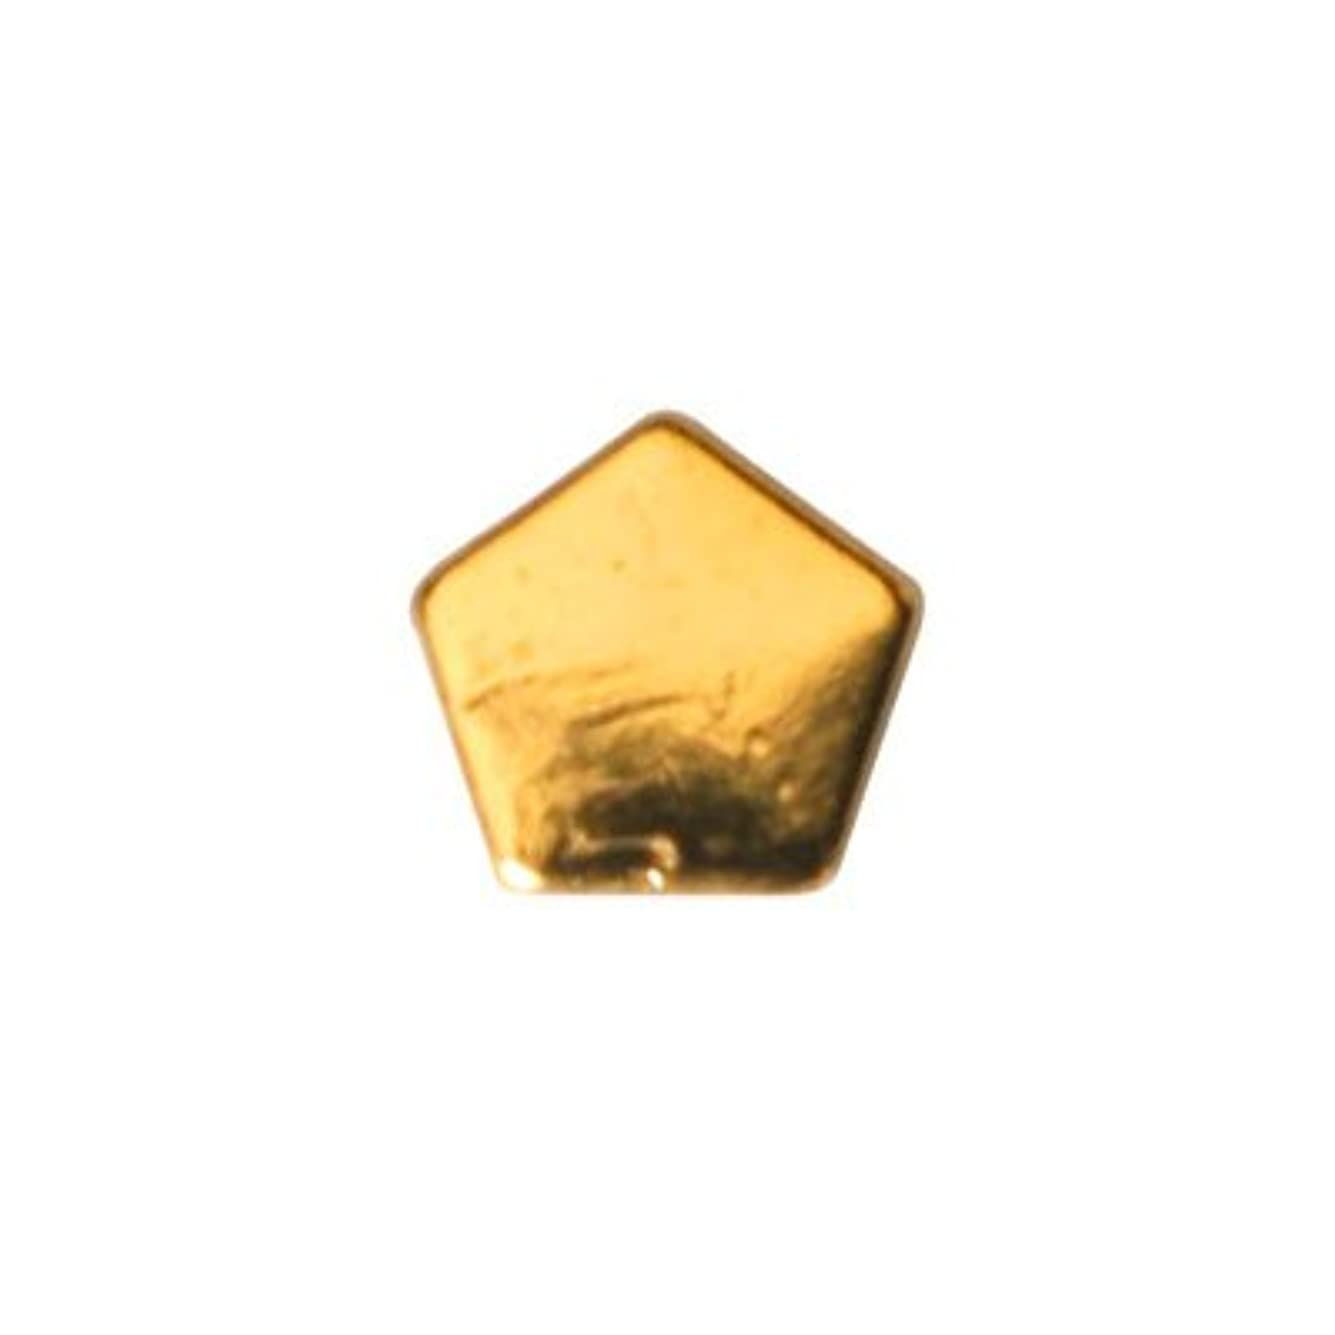 ジャンピングジャック治す子孫ピアドラ スタッズ ペンタゴン 3mm 50P ゴールド